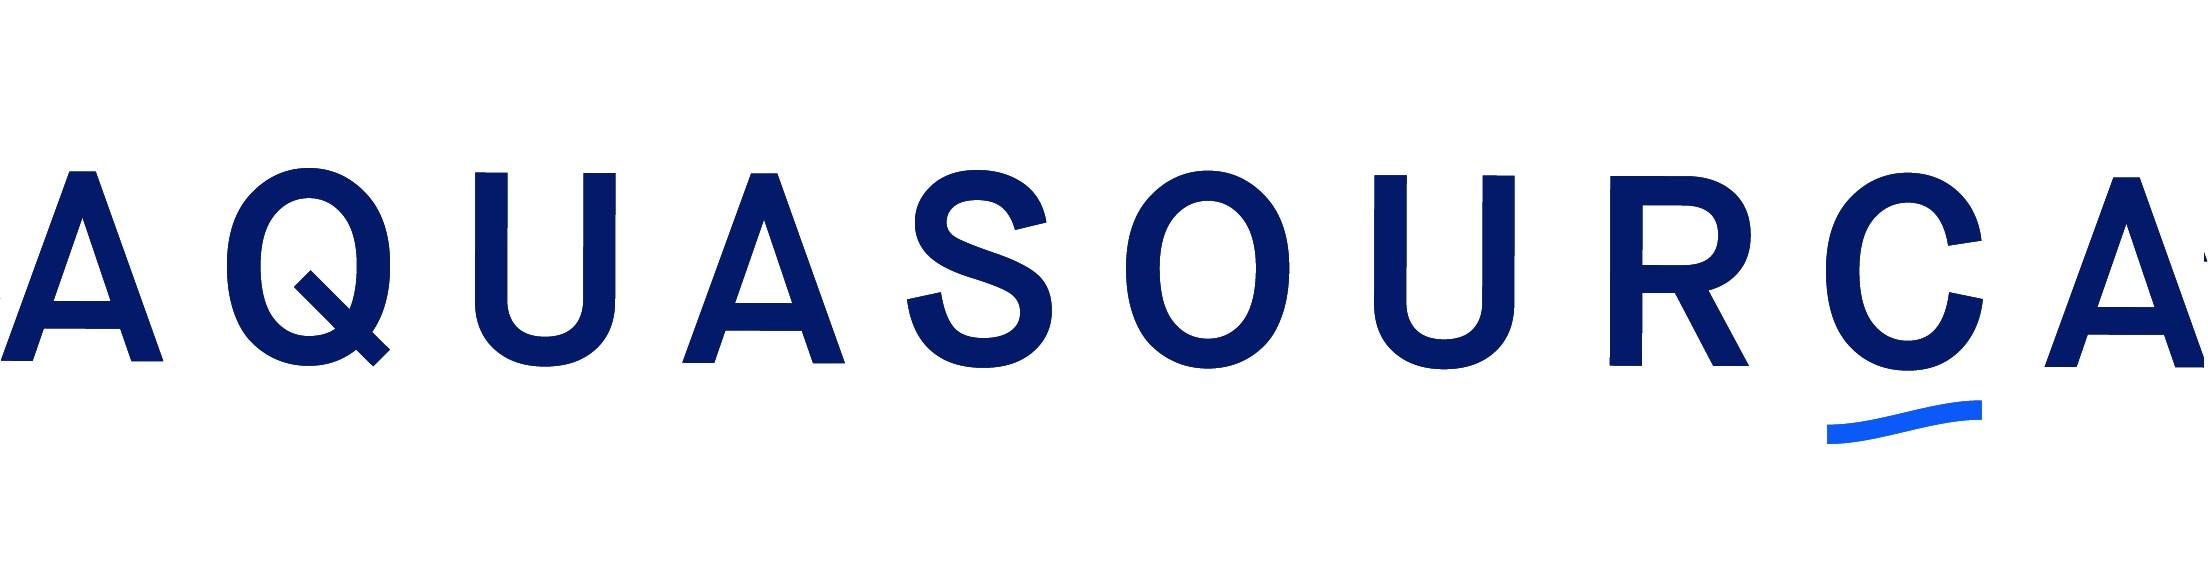 logo aquasourca